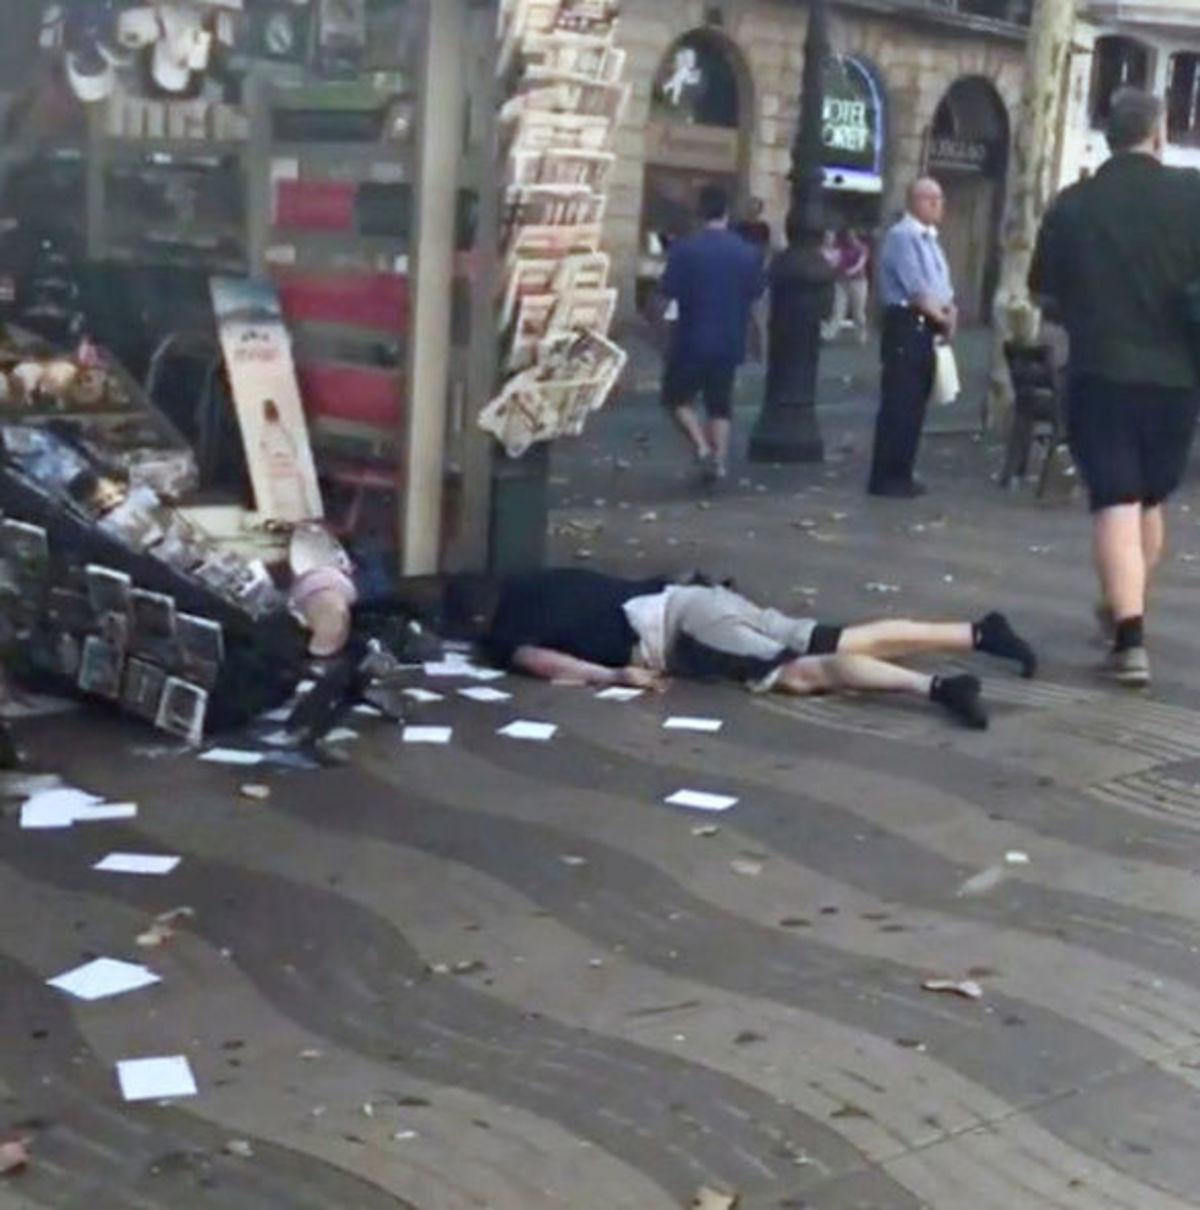 Επίθεση στη Βαρκελώνη: Το μακελειό σε σκληρές εικόνες – Χάος, πτώματα και θρήνος   Newsit.gr